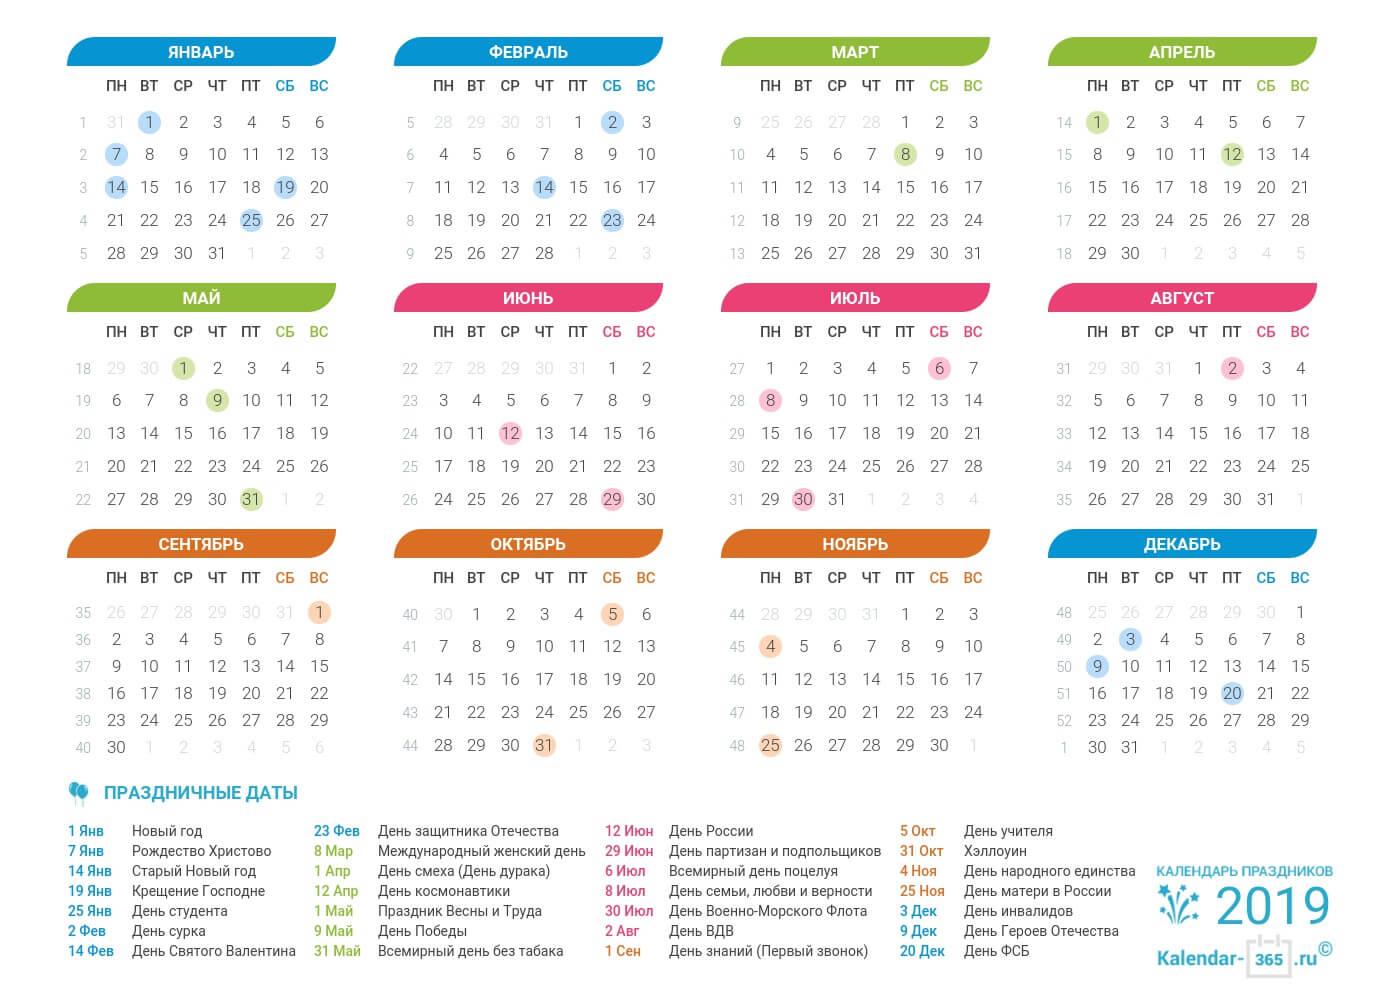 Красивые календари на 2019 год - отличная подборка 7